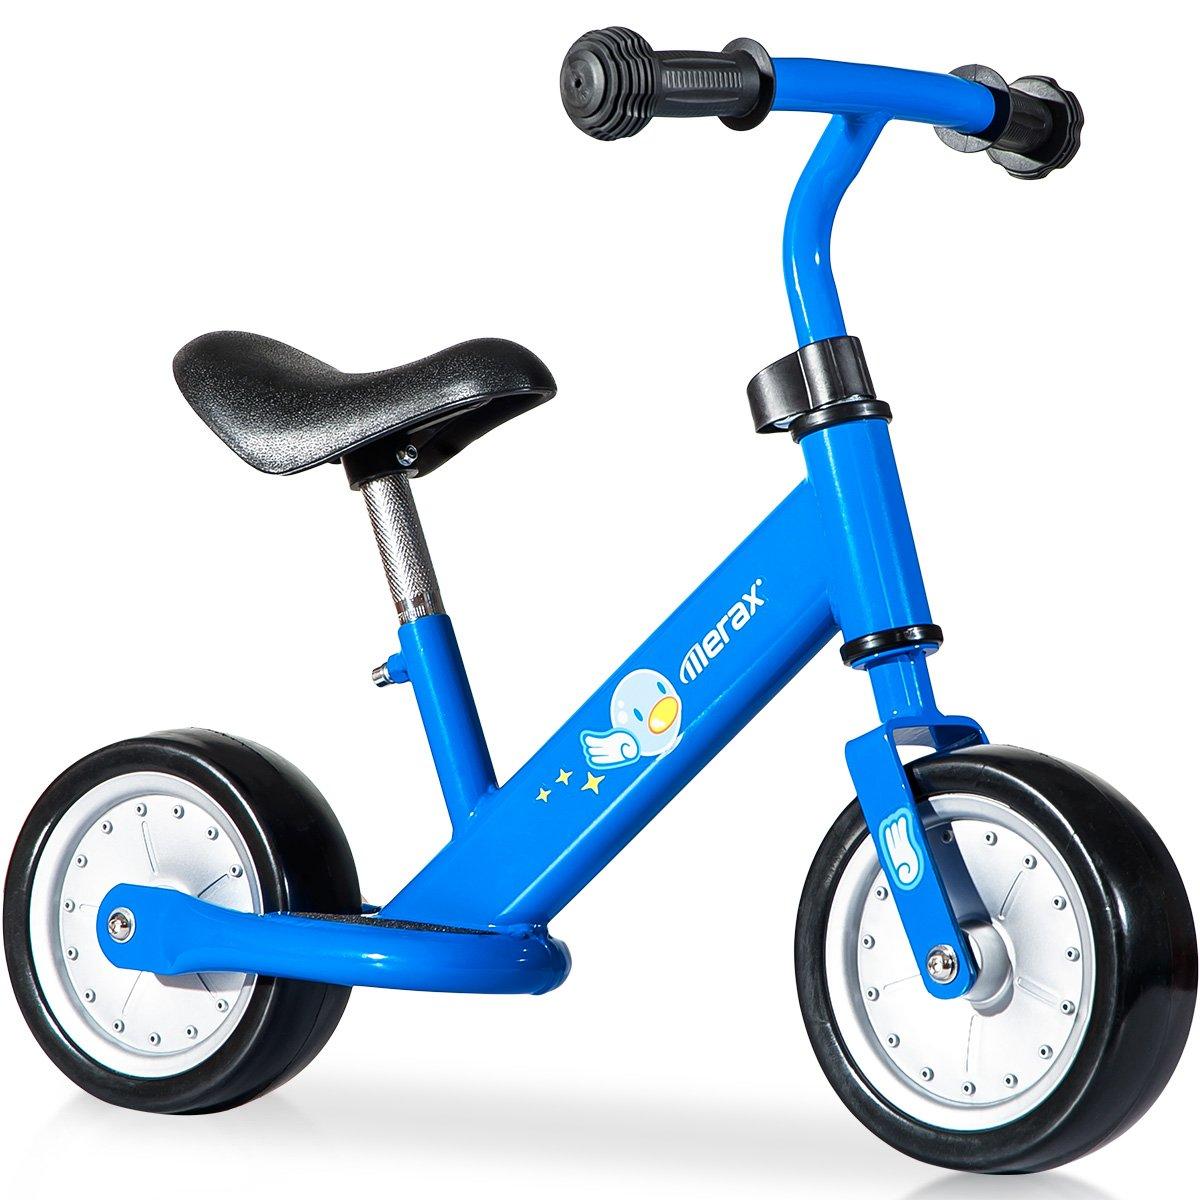 Merax No Pedal Balance Bike Walking Bicycle for Kids (Blue)